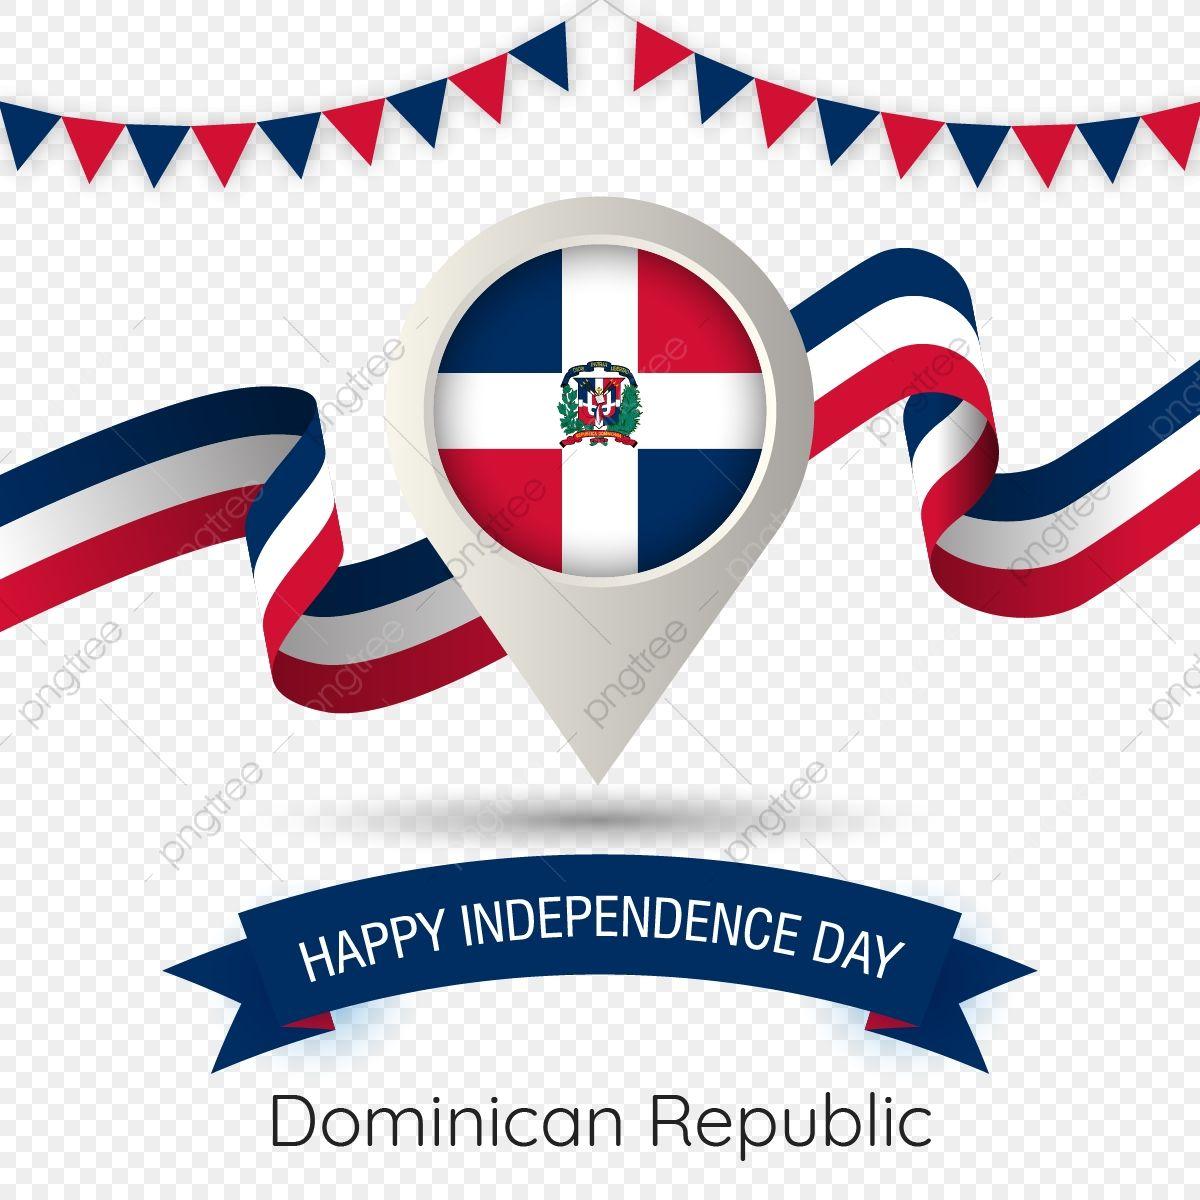 Republica Dominicana El Dia De La Independencia Con Estilizada Ilustracion Country Flag Pin Republica Dominicana Feliz Dia De La Independencia Bandera Png Y En 2021 Dia De La Independencia Feliz